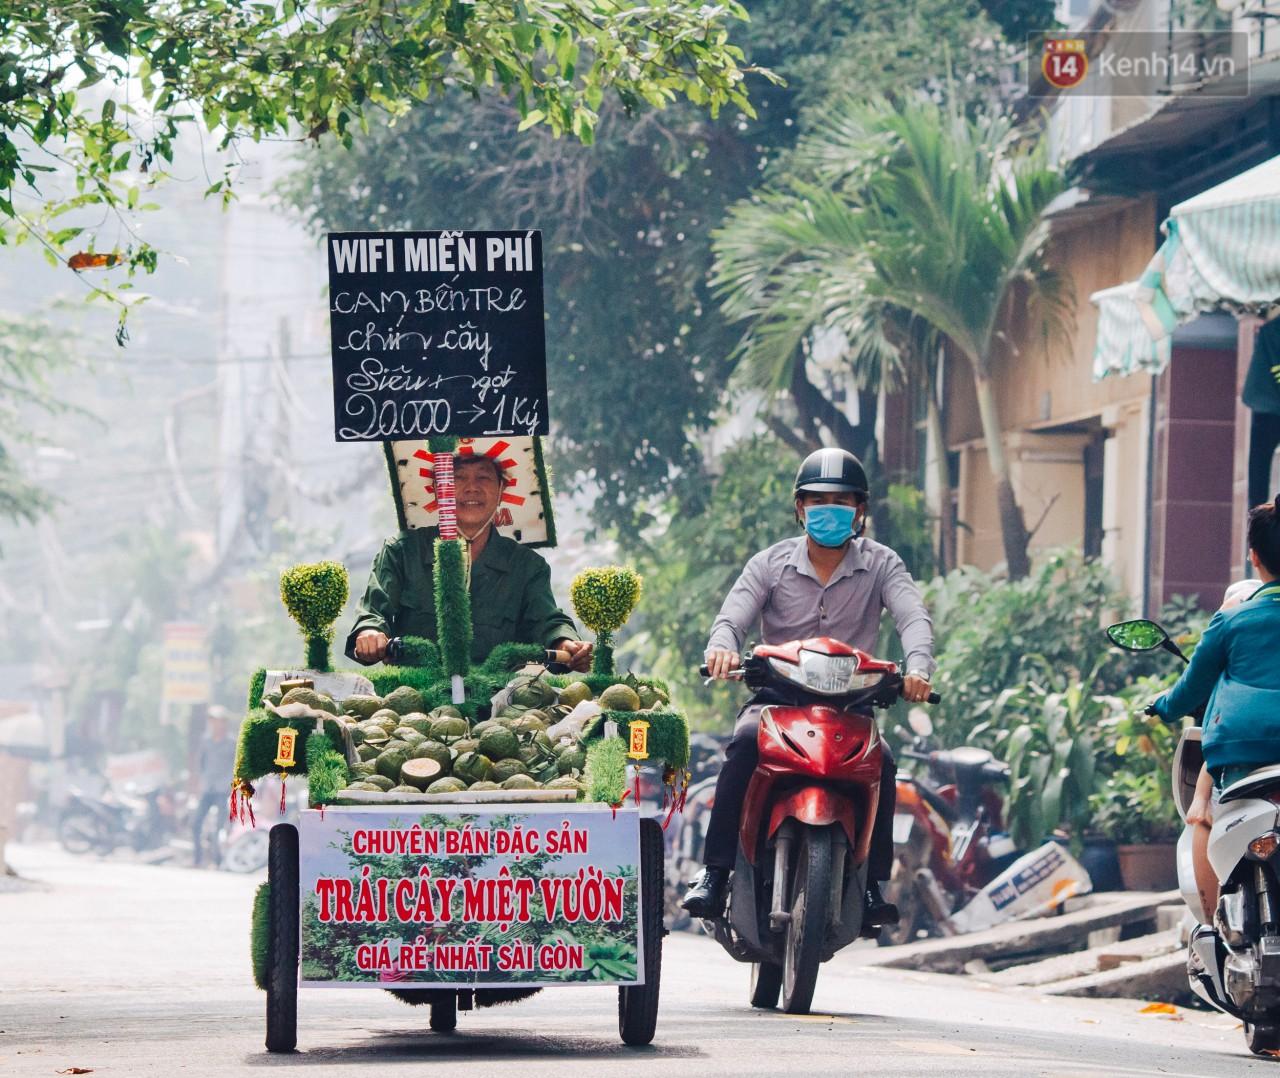 Có một cái Tết rất đẹp trên những chiếc xe mưu sinh của anh nhân viên vệ sinh và anh bán trái cây dạo ở Sài Gòn - Ảnh 8.